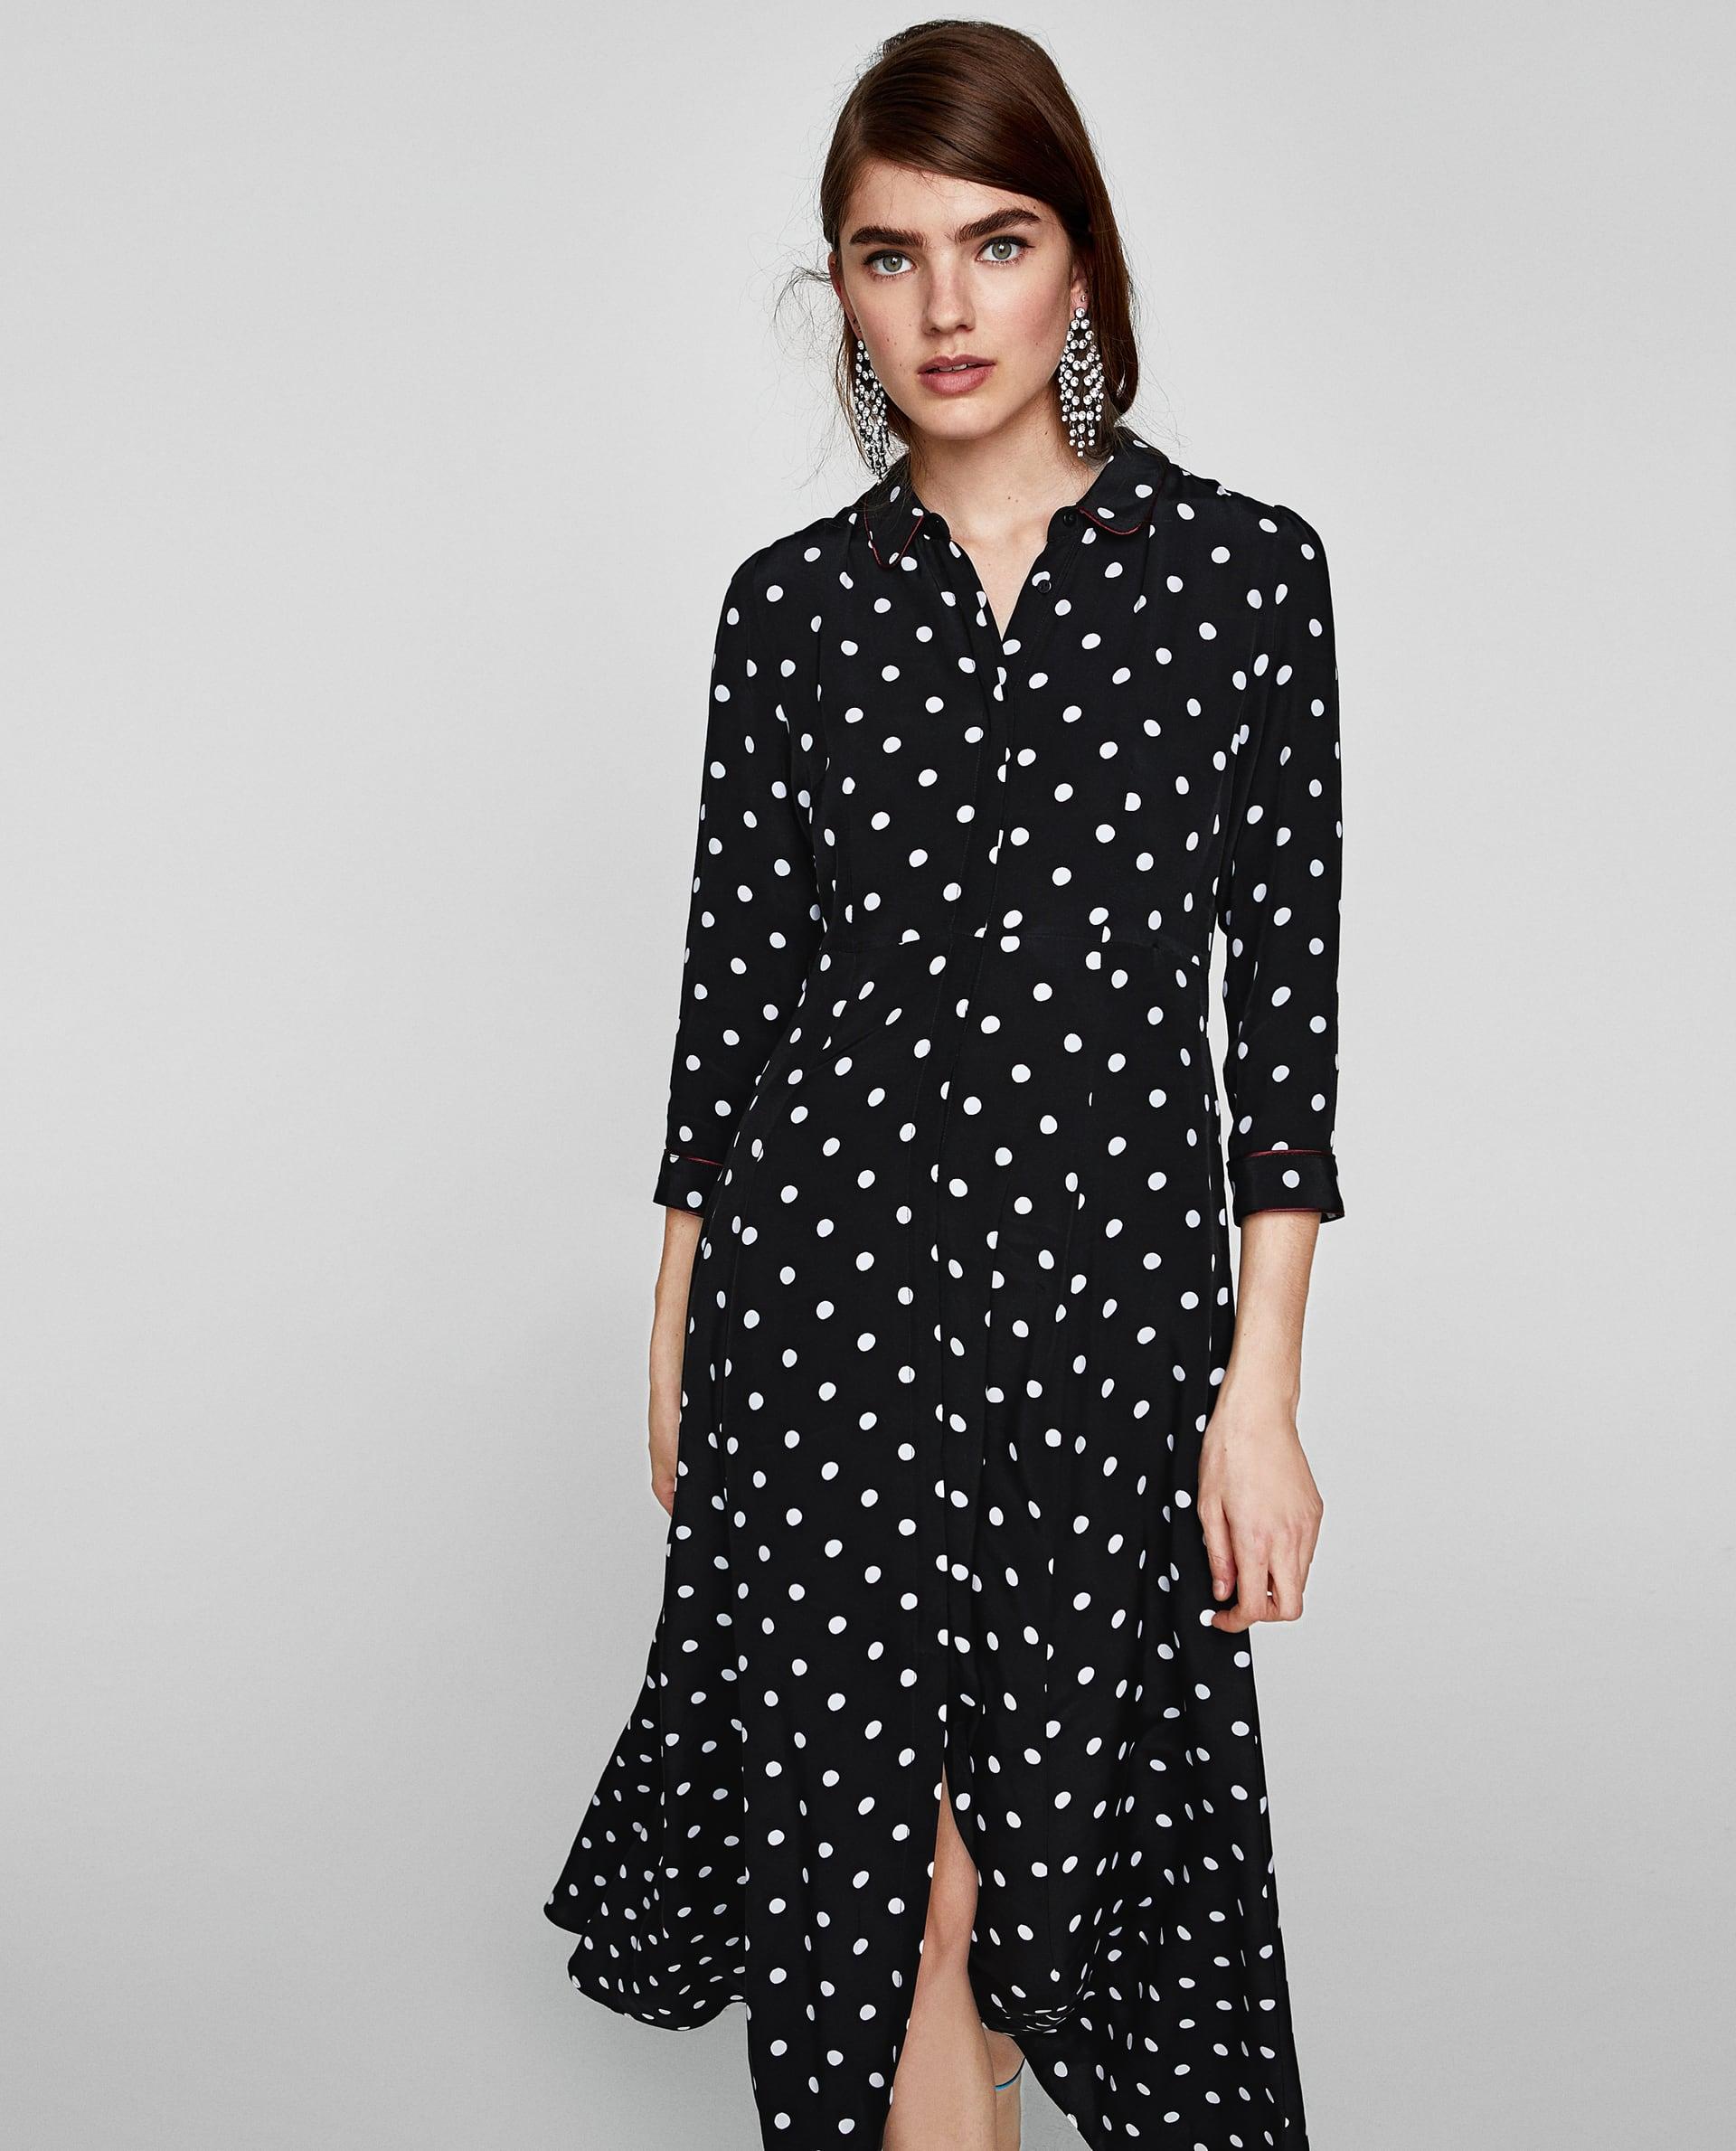 Vestito lungo chemisier a pois Zara collezione primavera estate 2018 1e77990ecab